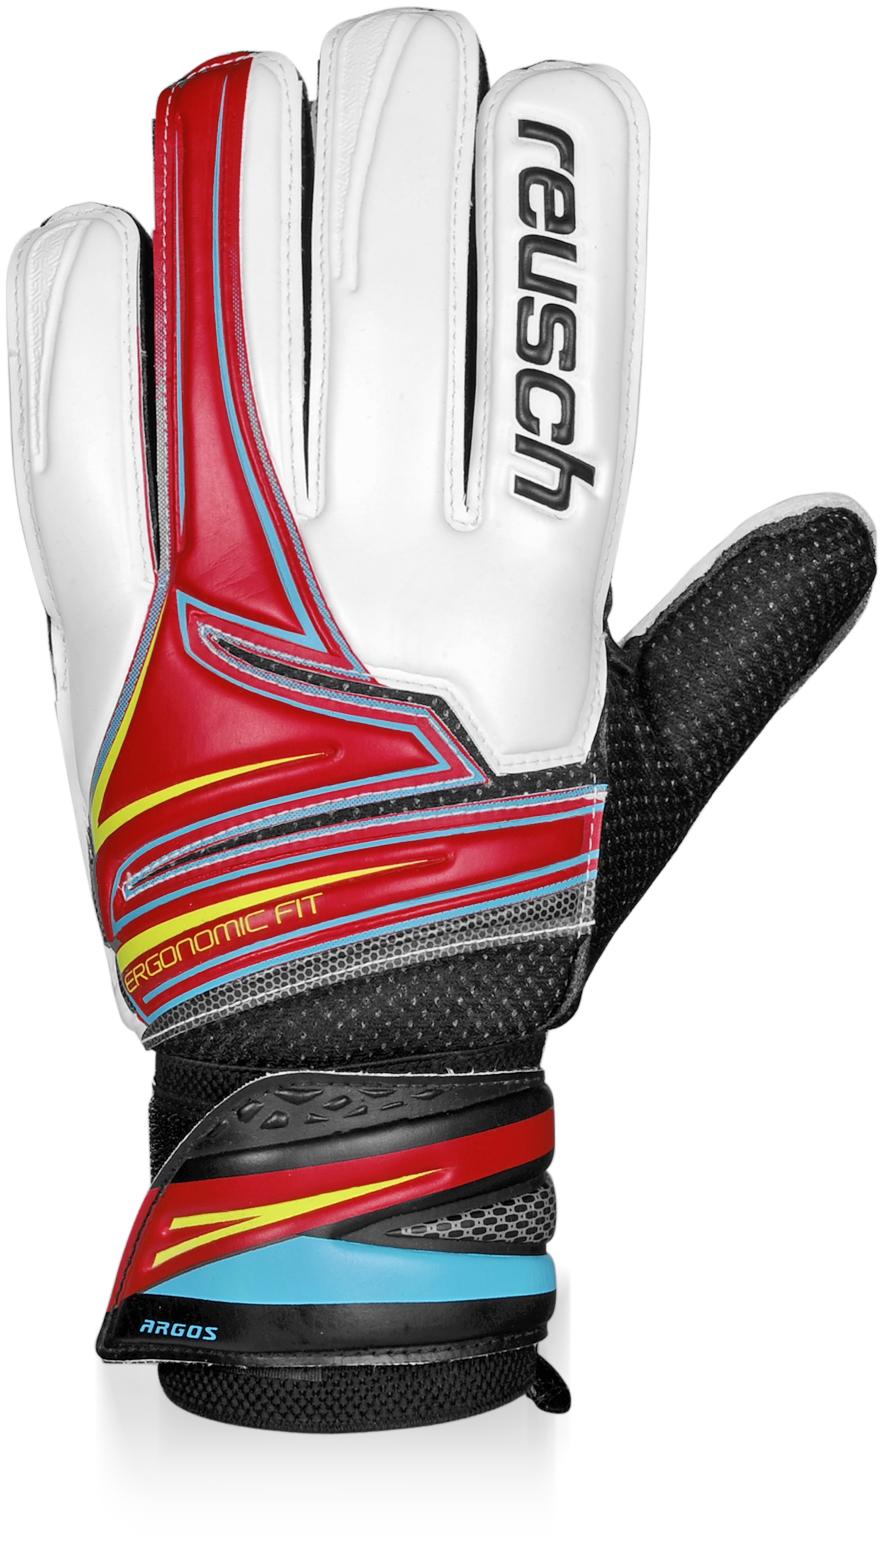 Reusch Argos Goalkeeper Gloves (red)